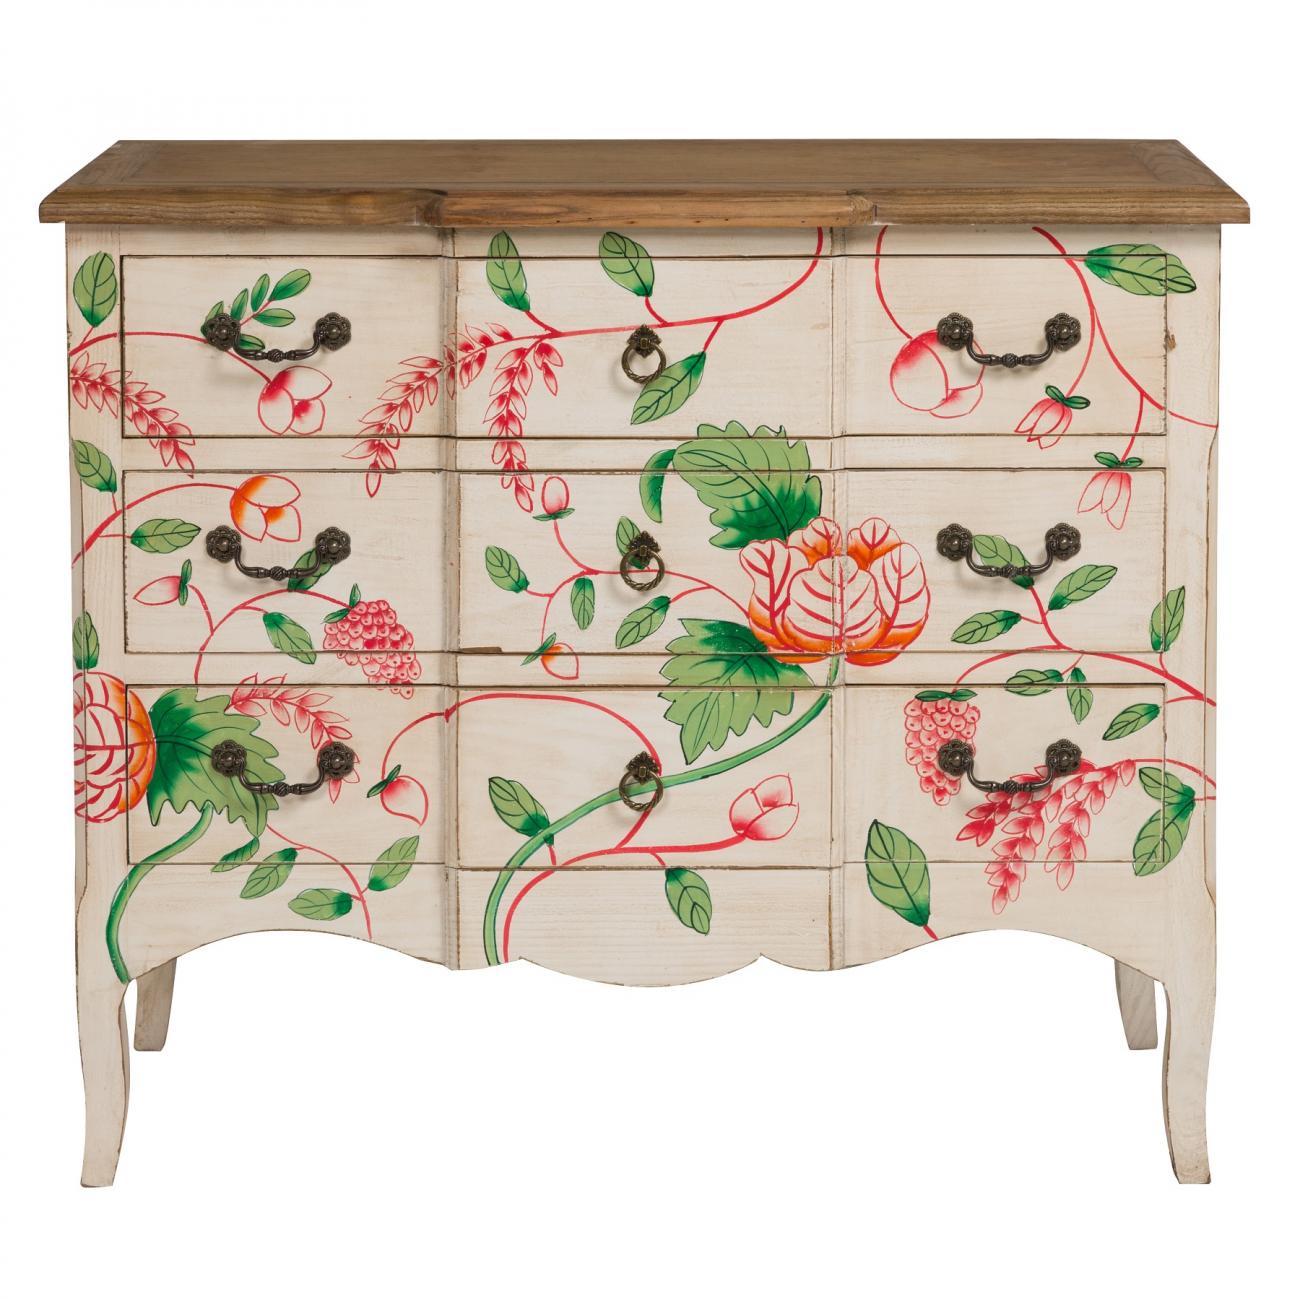 Купить Комод Florecimie в интернет магазине дизайнерской мебели и аксессуаров для дома и дачи